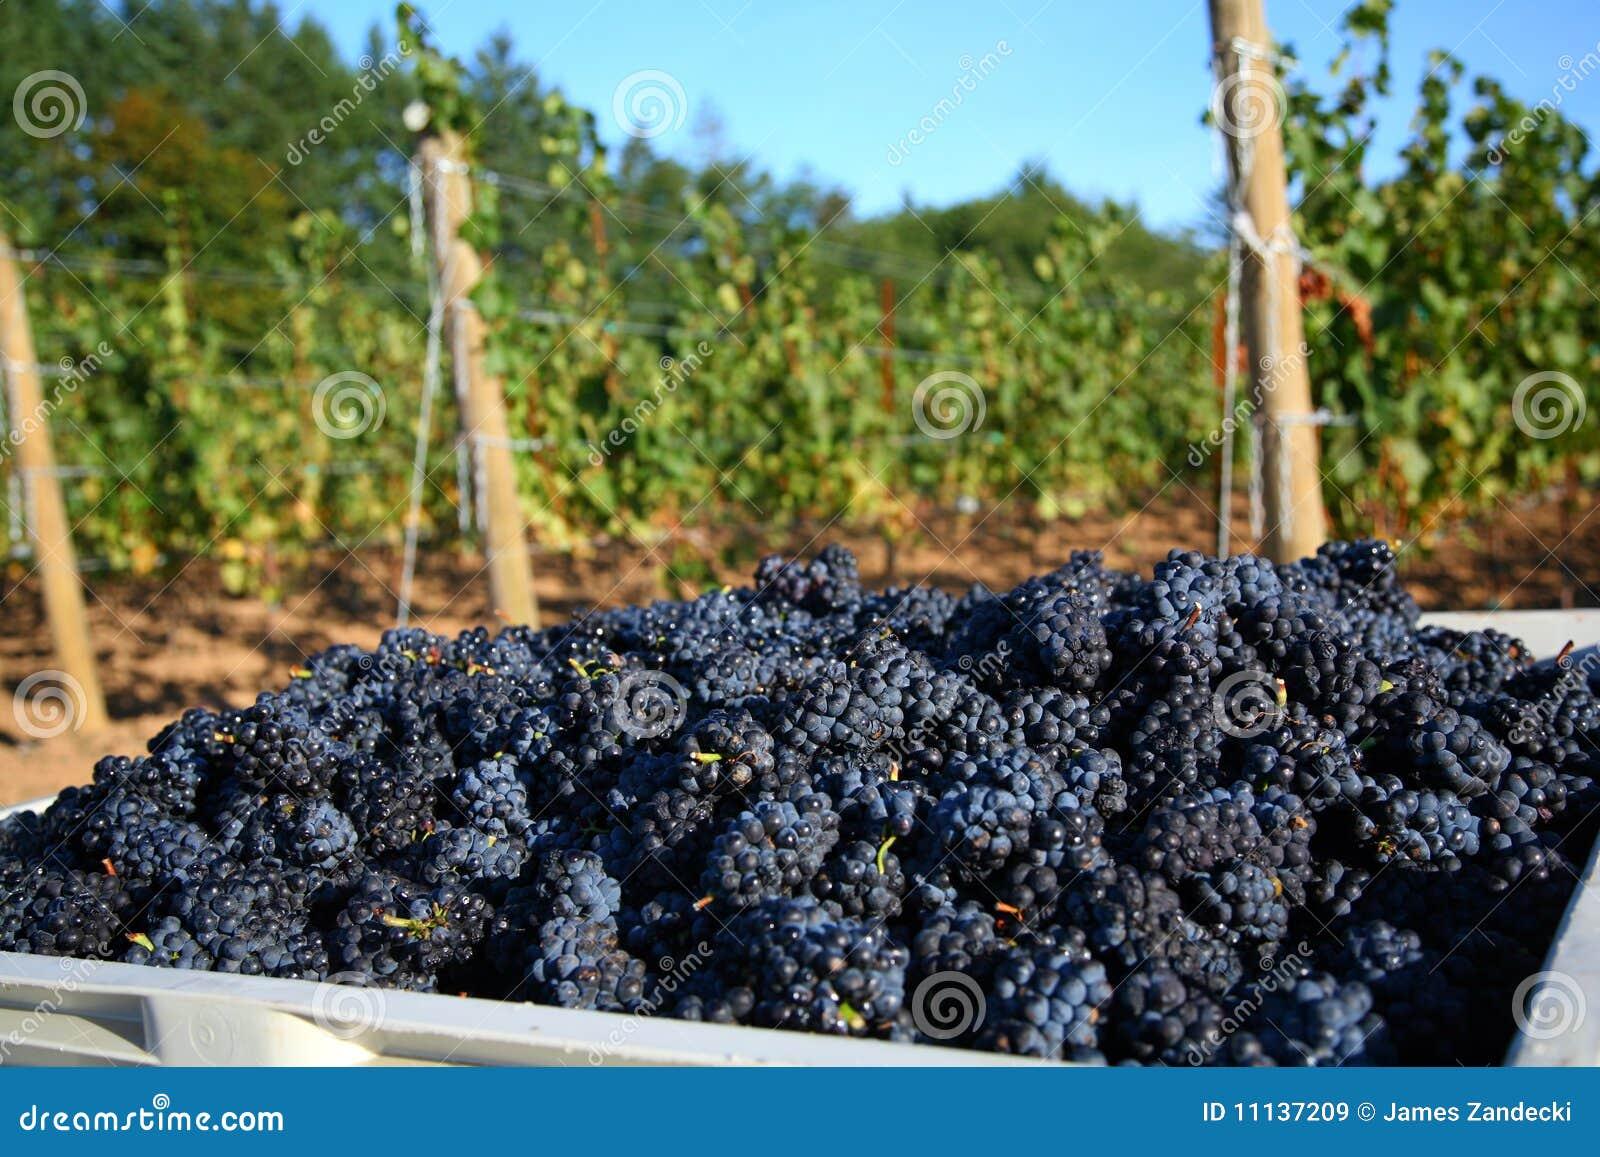 葡萄收获noir白比诺葡萄